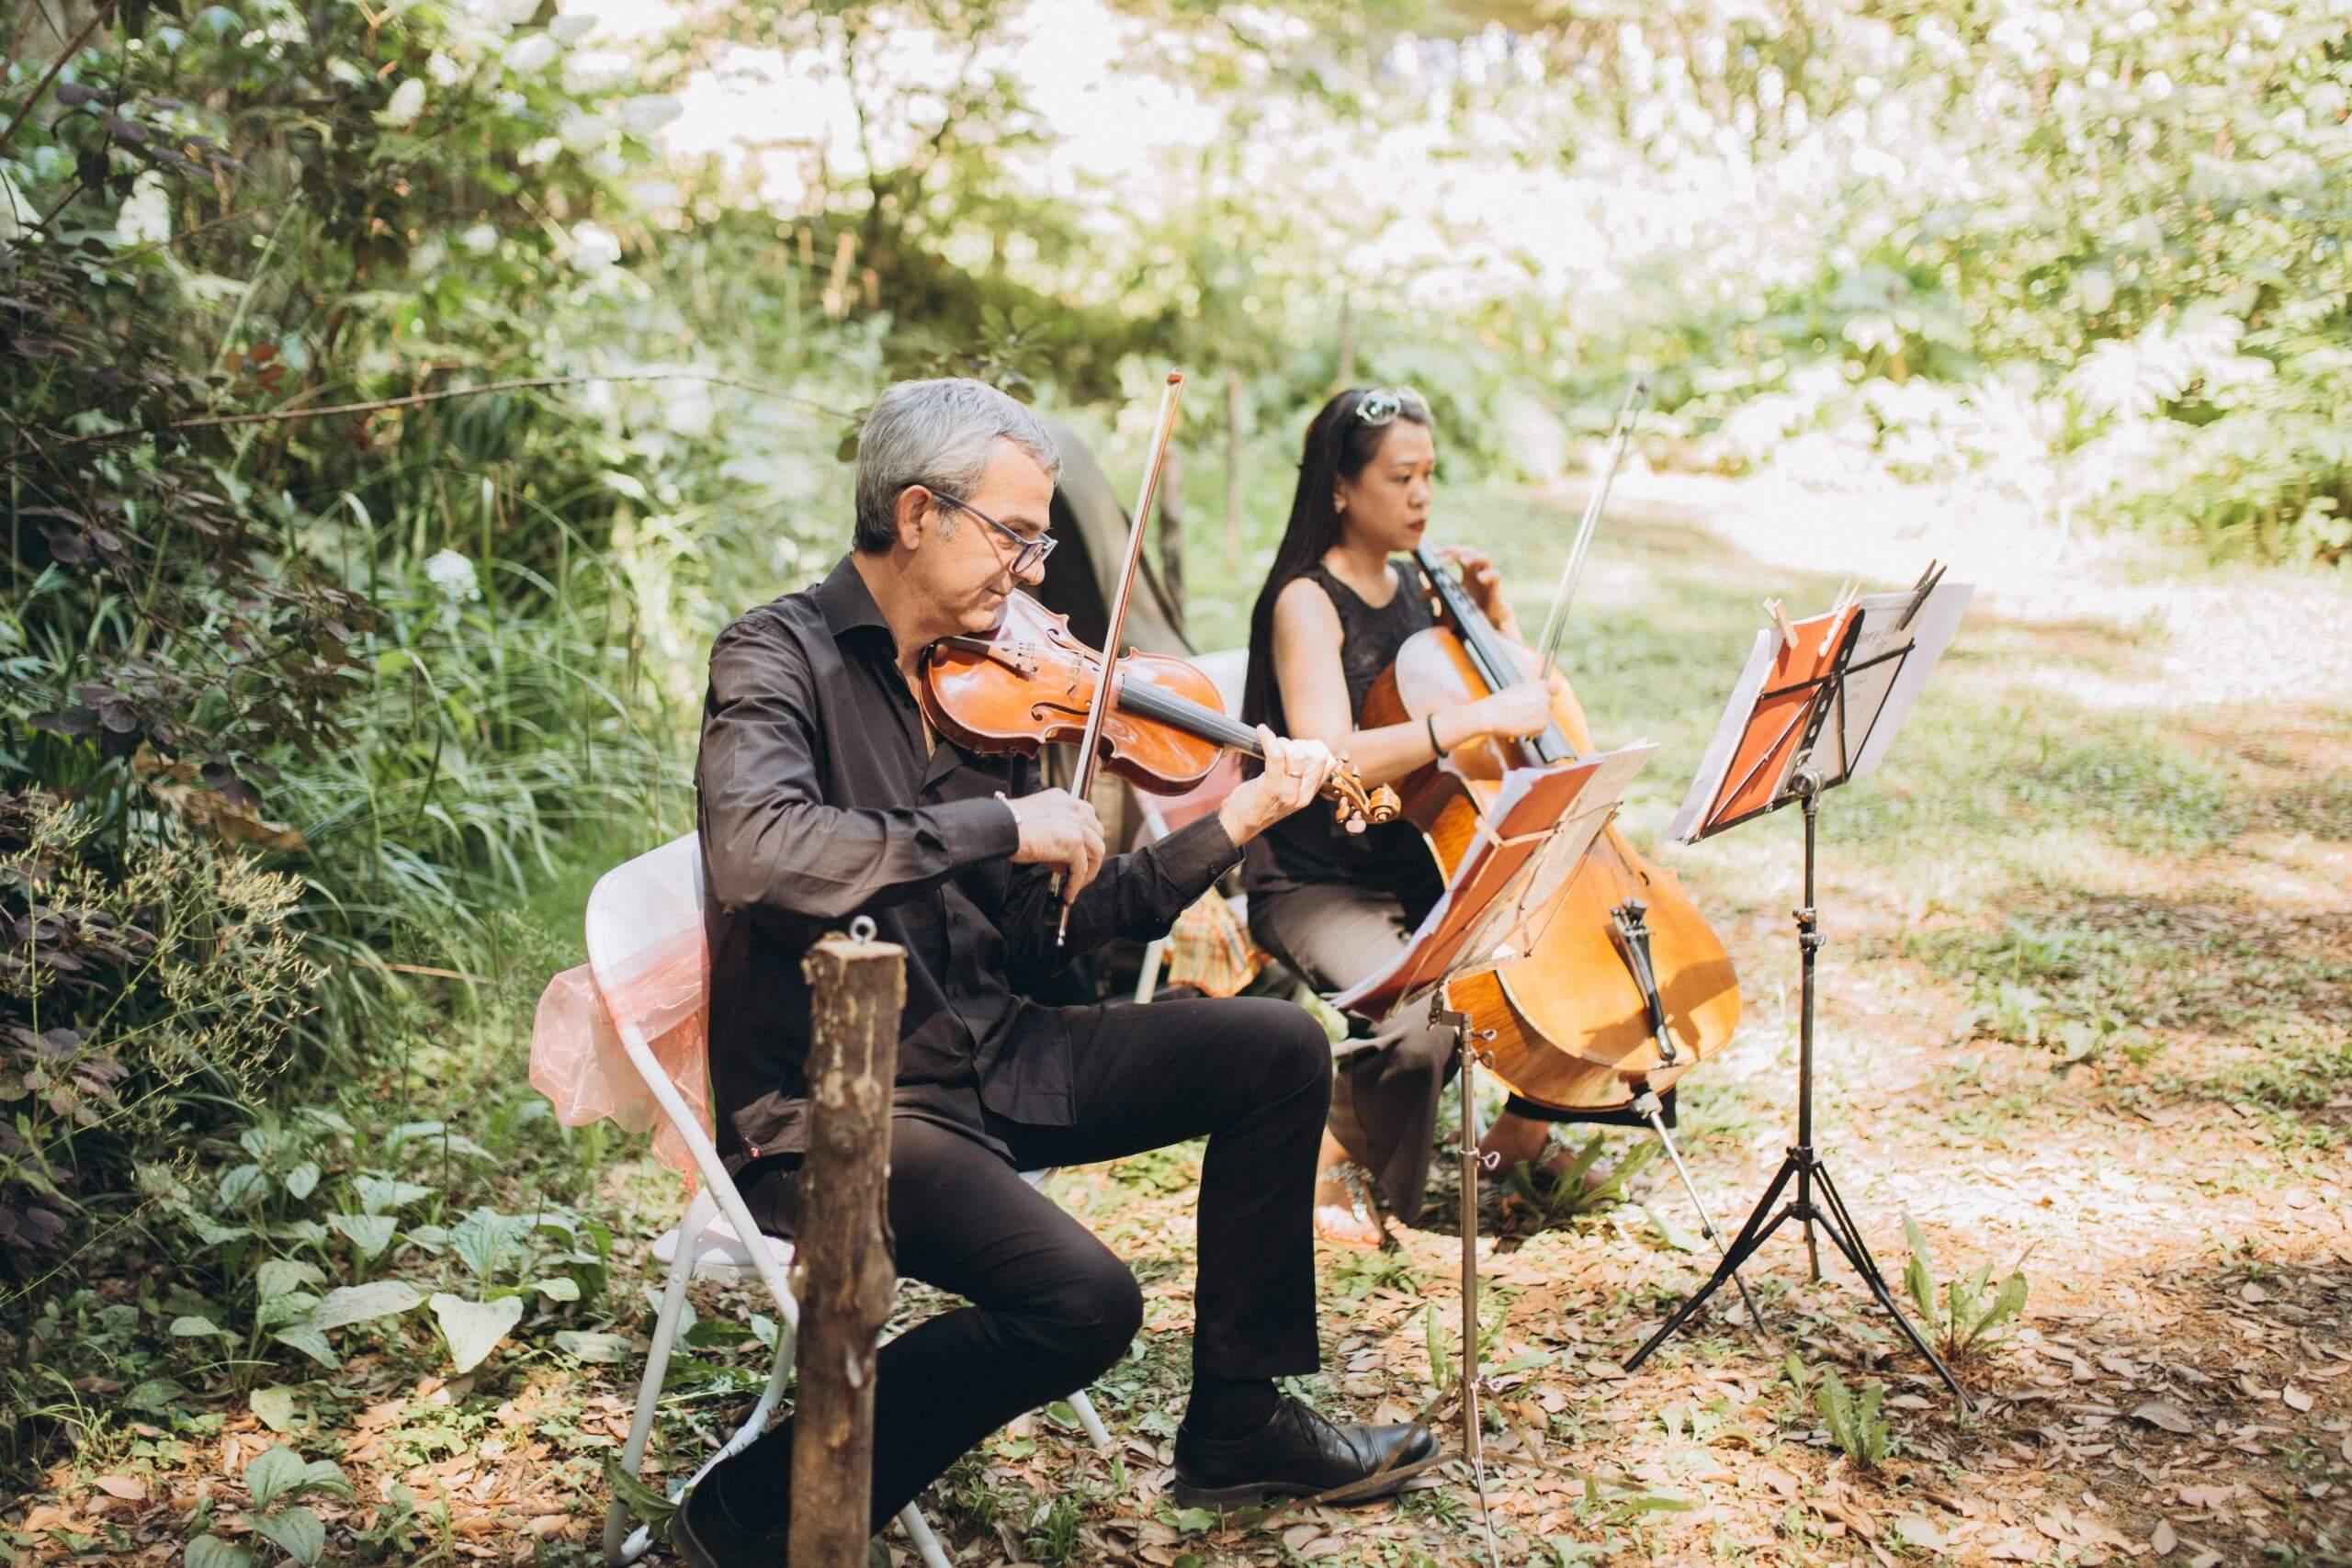 Martin & Yarina